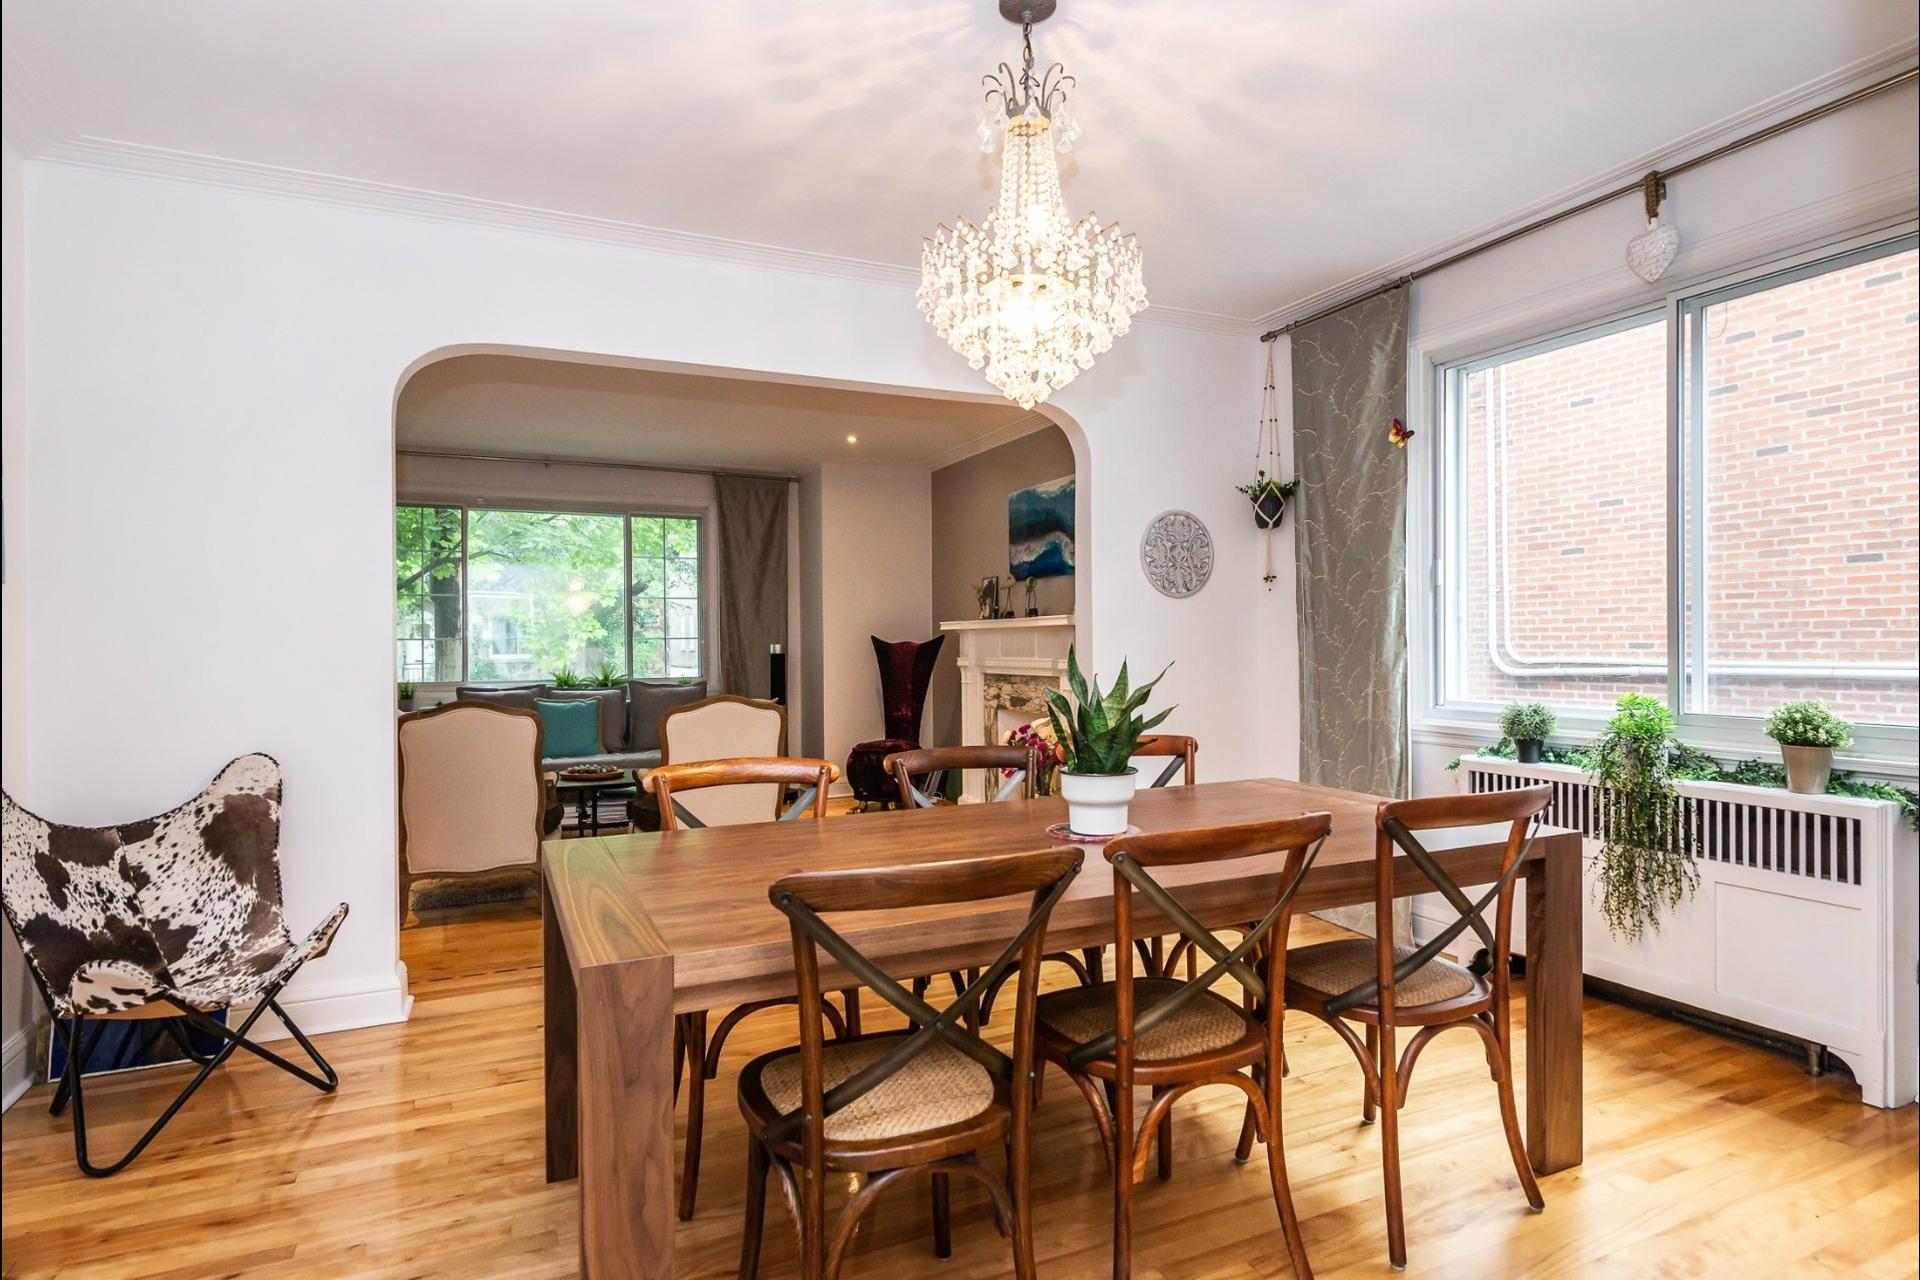 image 8 - Appartement À louer Montréal Côte-des-Neiges/Notre-Dame-de-Grâce  - 7 pièces